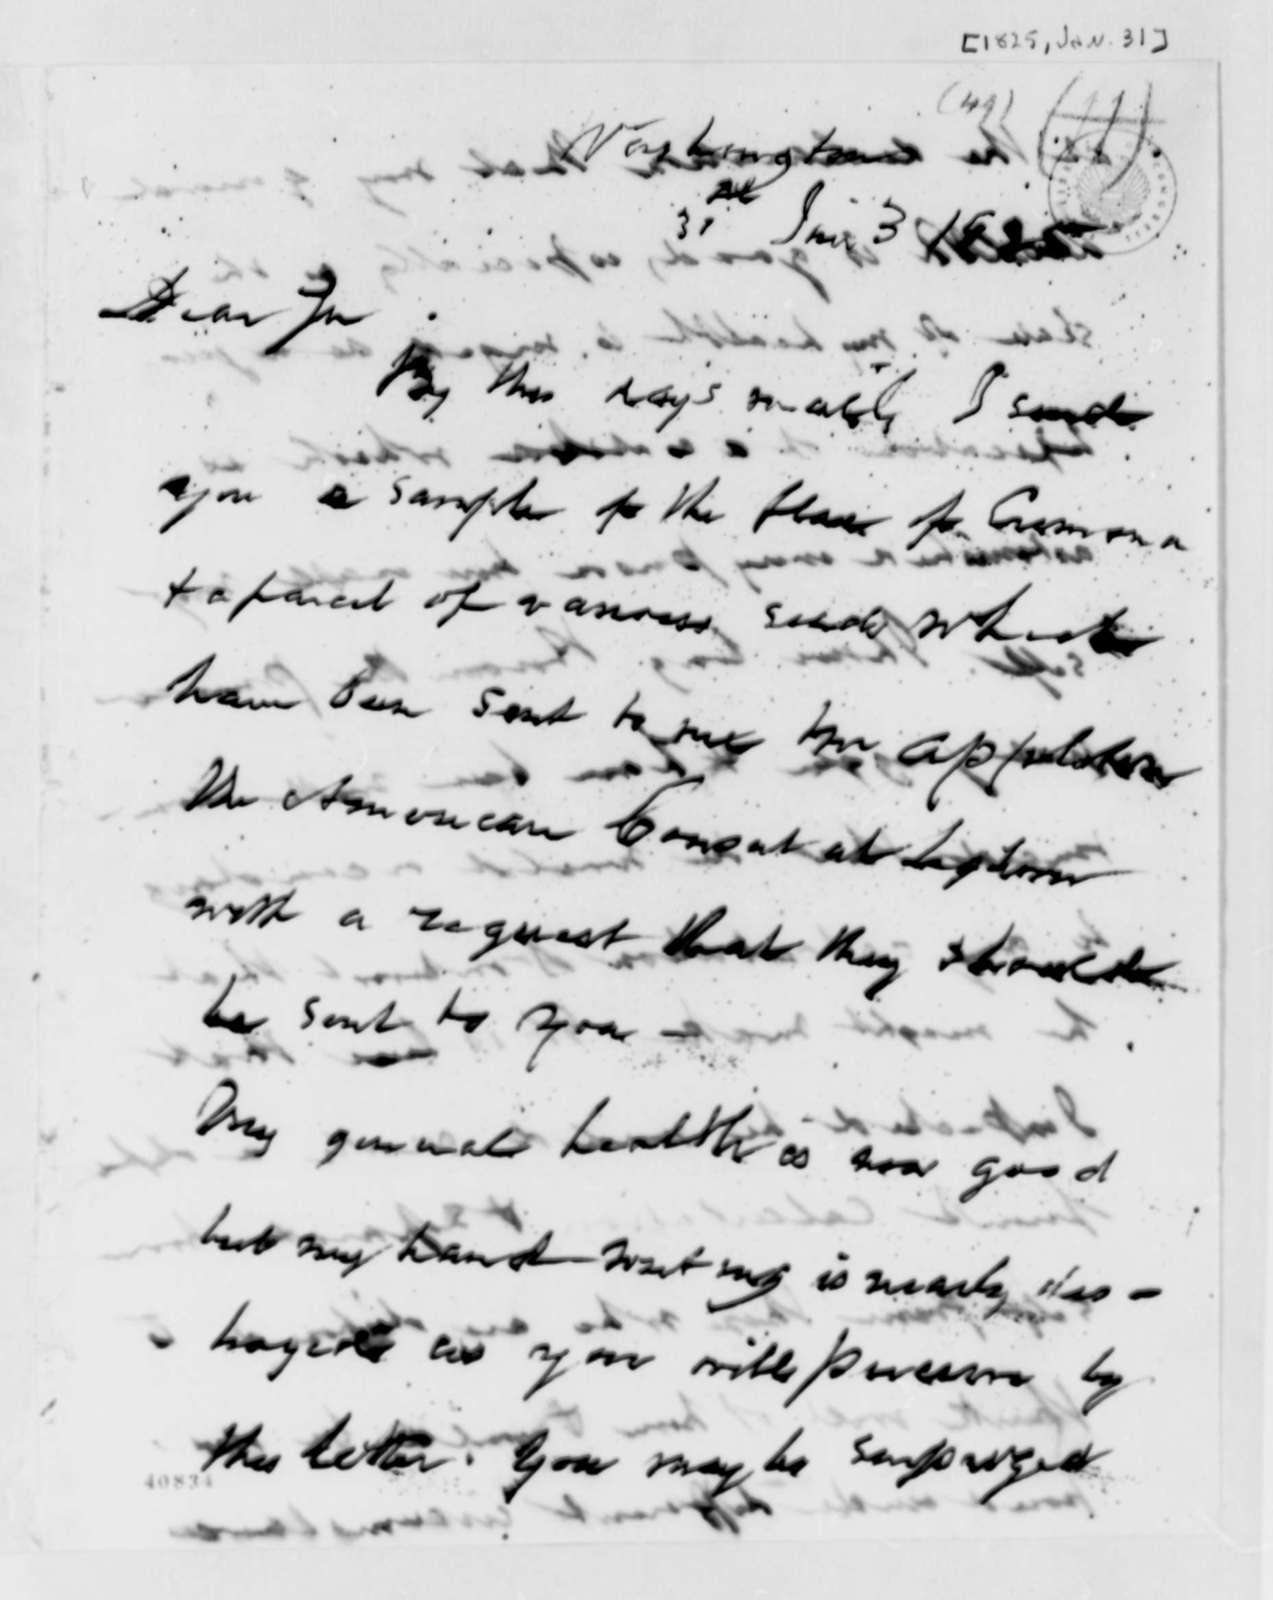 William H. Crawford to Thomas Jefferson, January 31, 1825